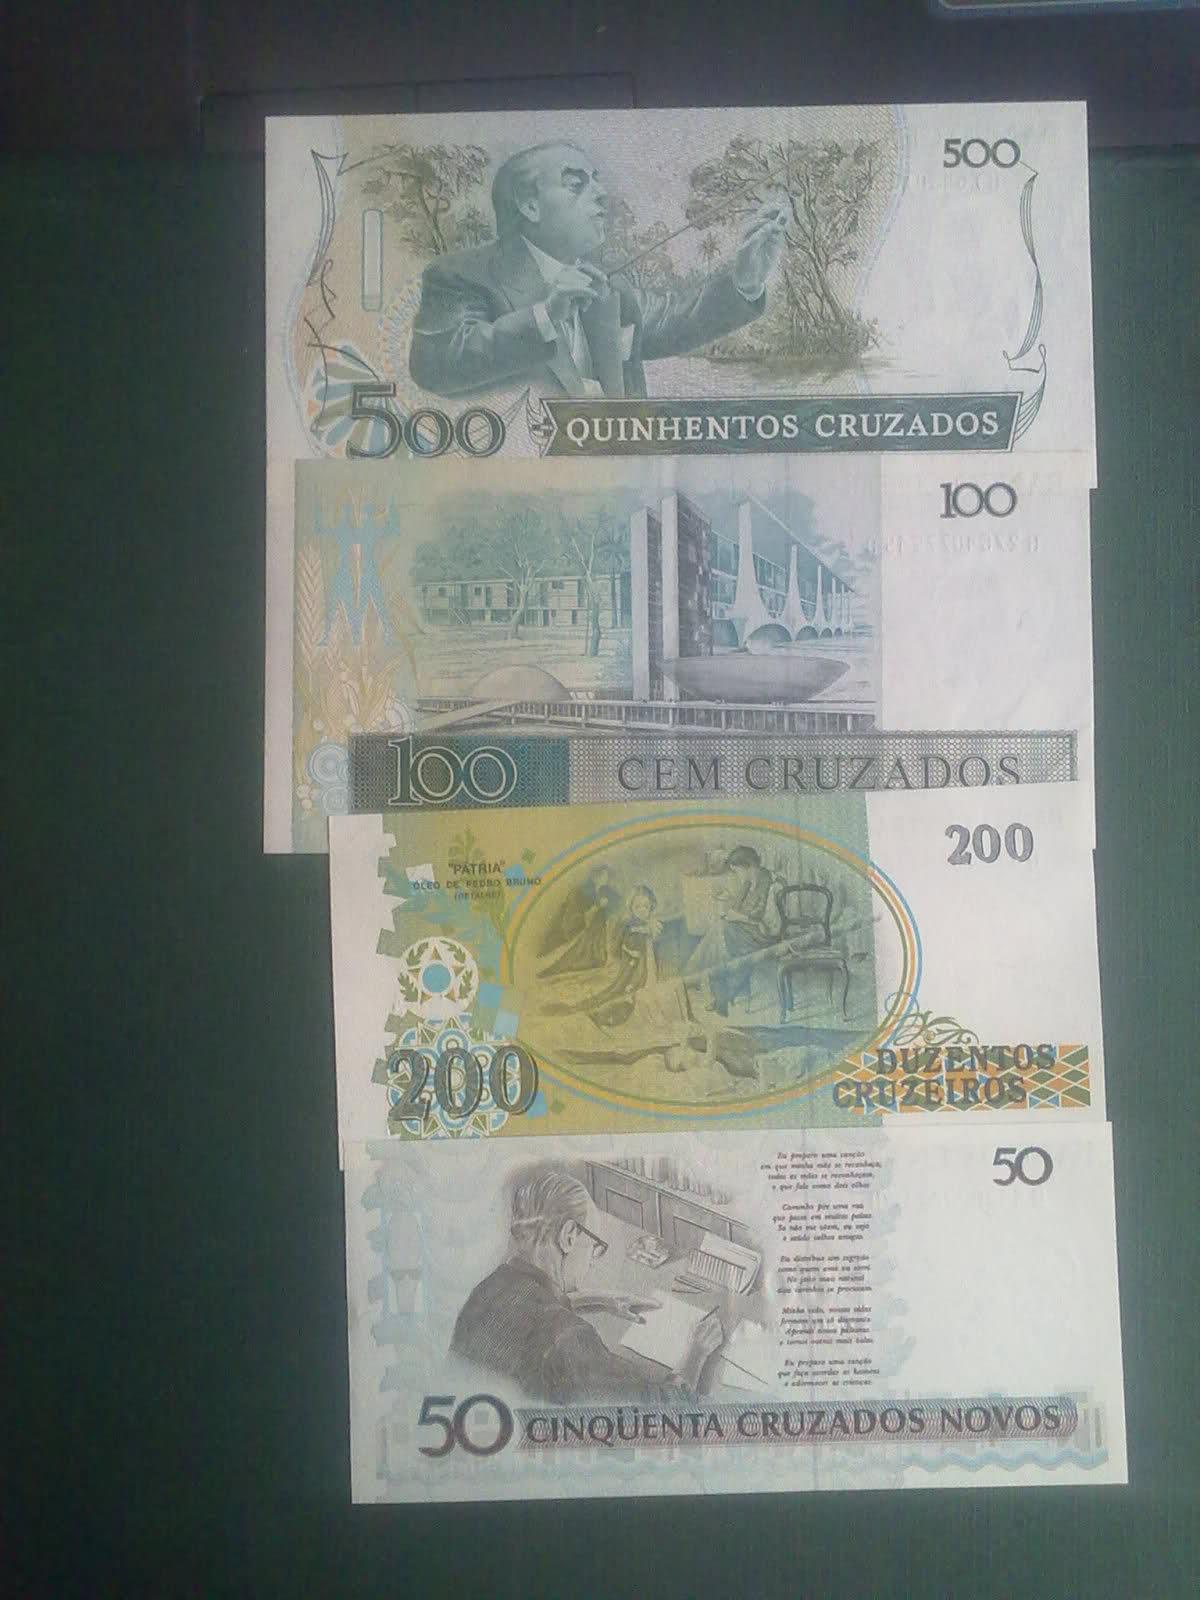 Billetes Brasil 500-200-100-50 cruzados Jfky20